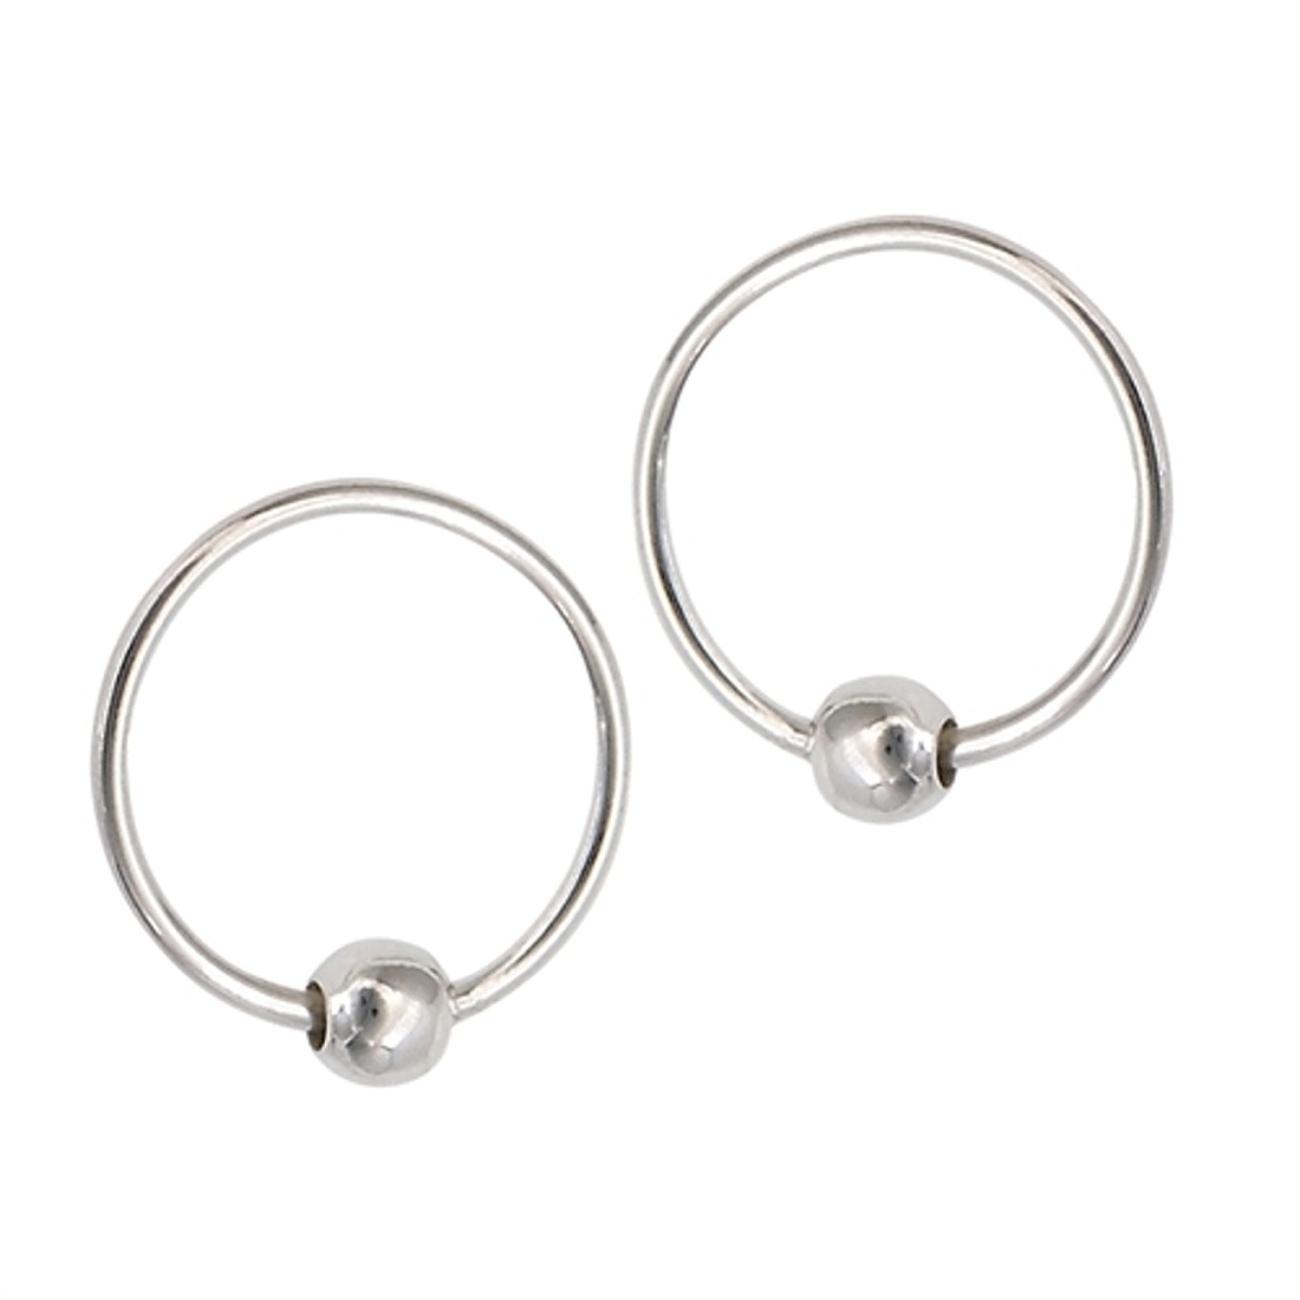 Sterling Silver 10mm Diameter Endless Hoop Earrings